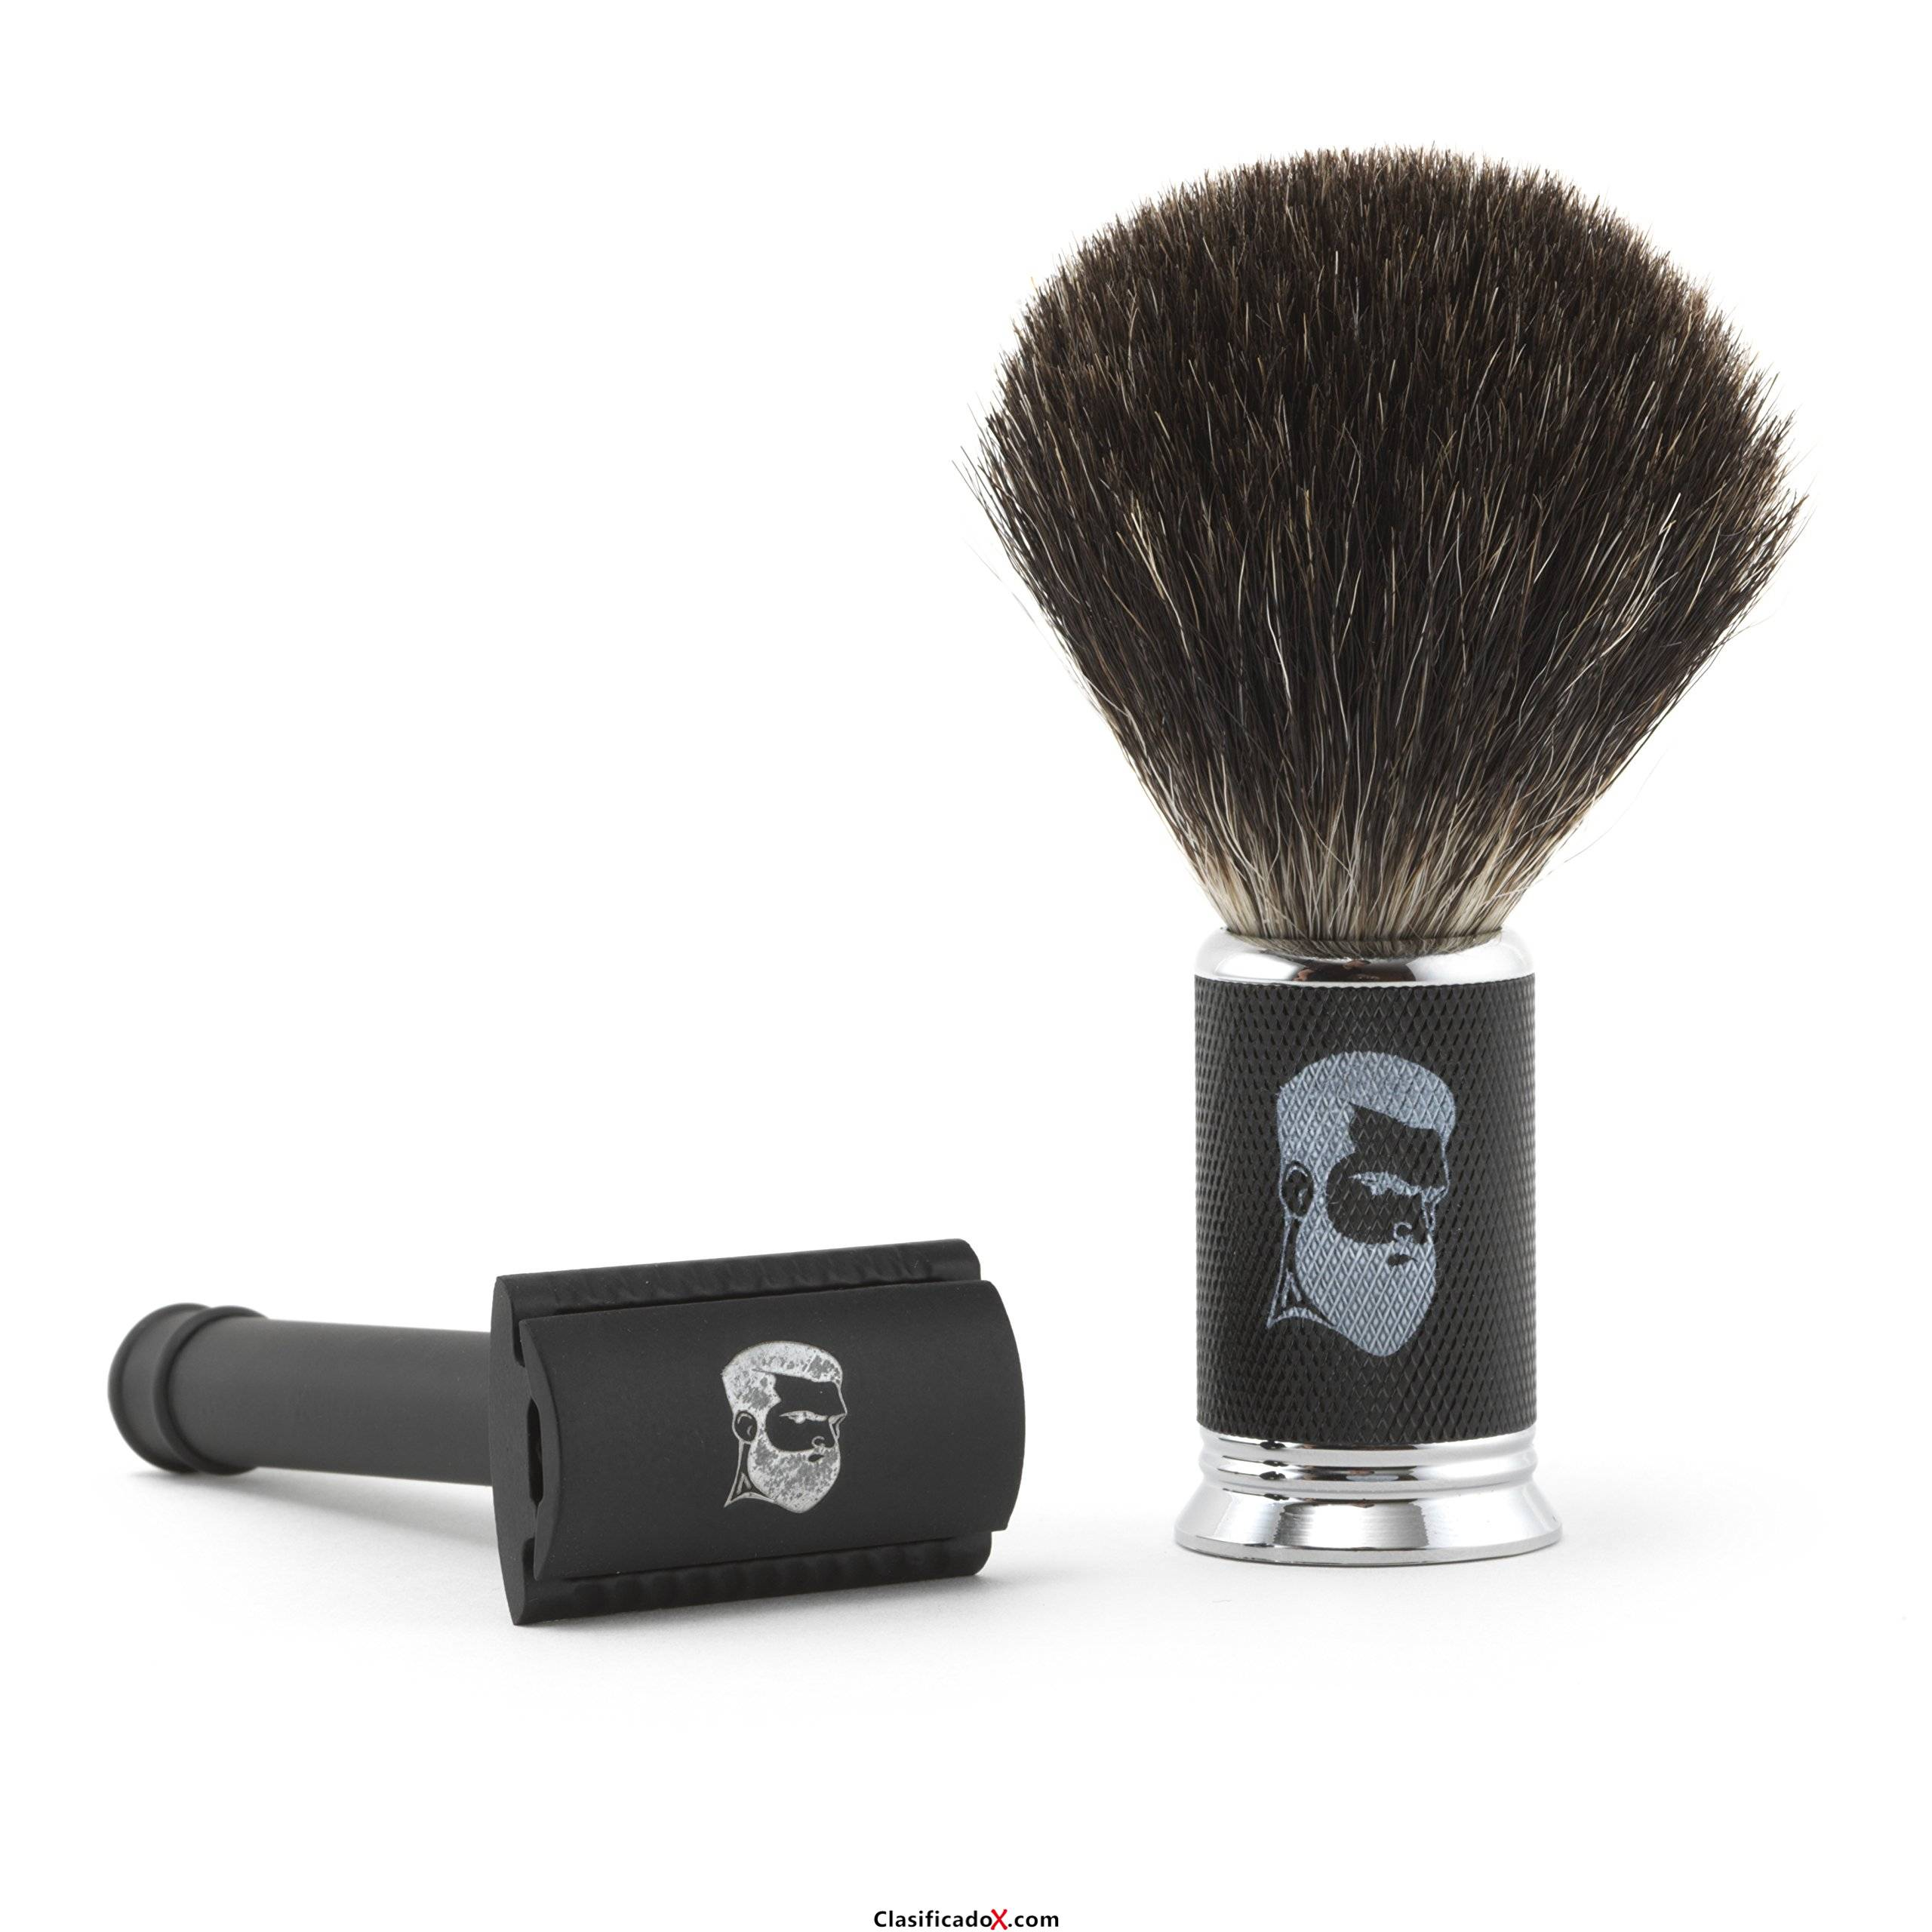 Rusty Bob - Afeitar las maquinillas de afeitar-Planer tradicional clásico-cromo brocha de afeitar el pelo de tejón de afeitar +5x hoja de a - Set 1. Envíos a Jaén